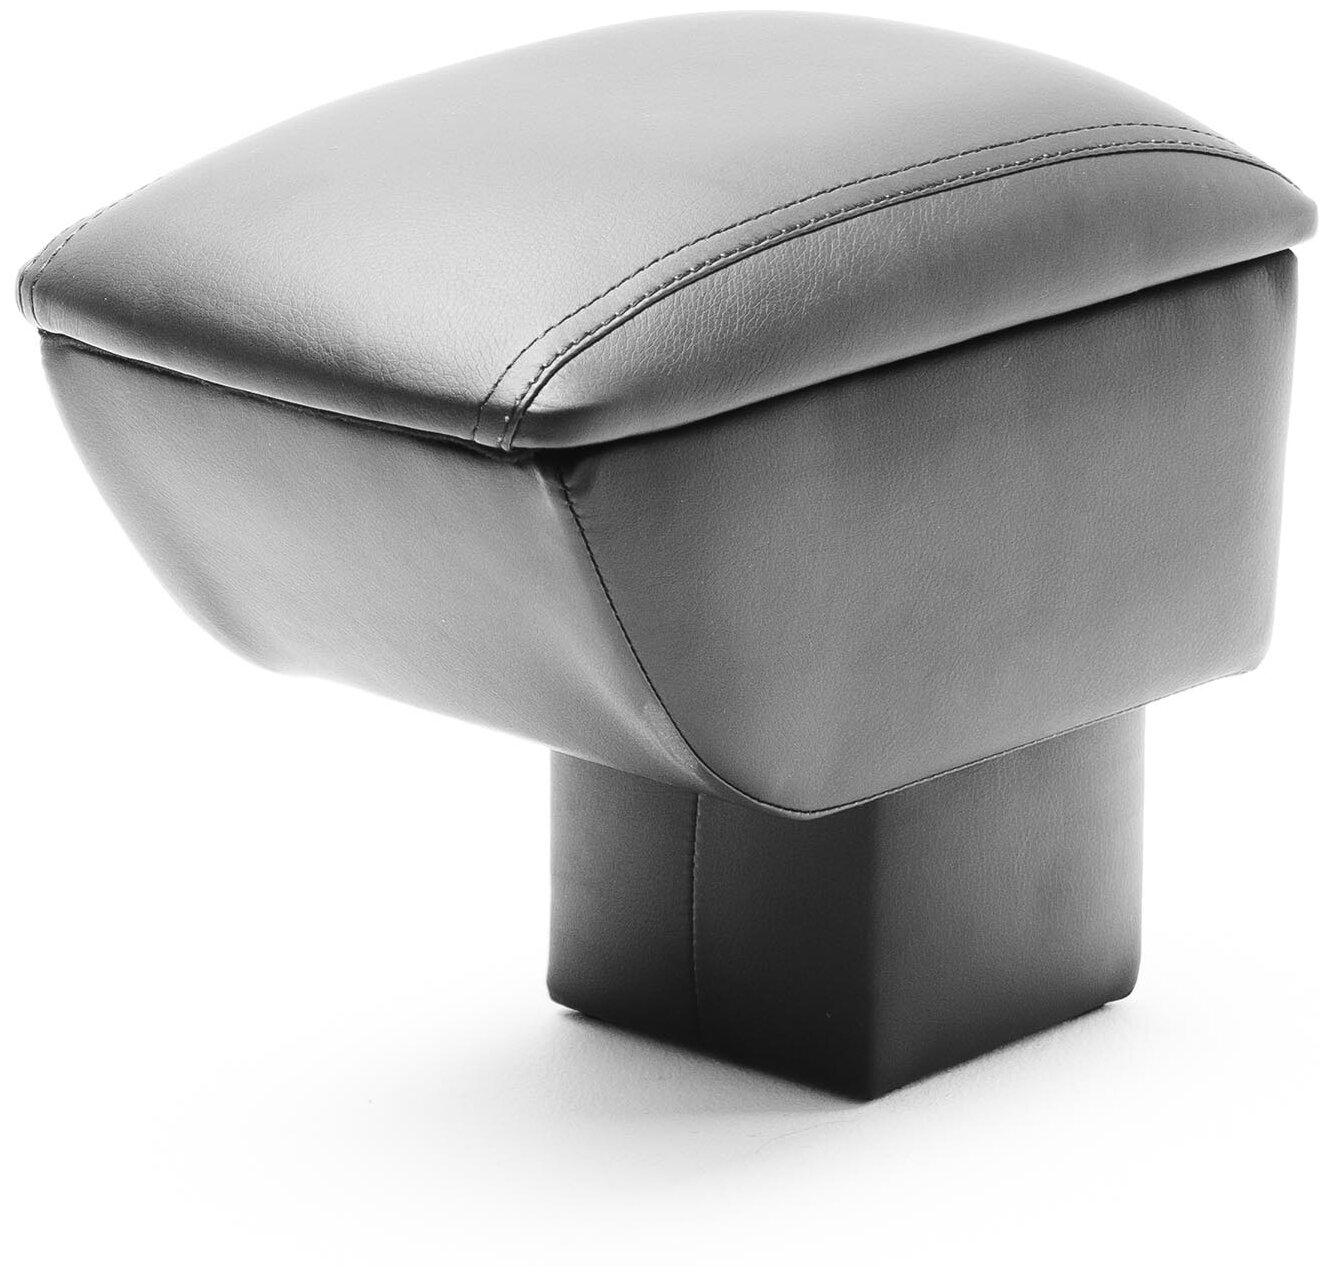 Купить Подлокотник в штатное место Alvi-Style для Chevrolet Niva 2015-, чёрный, с фиксацией крышки магнитами, на штатное место по низкой цене с доставкой из Яндекс.Маркета